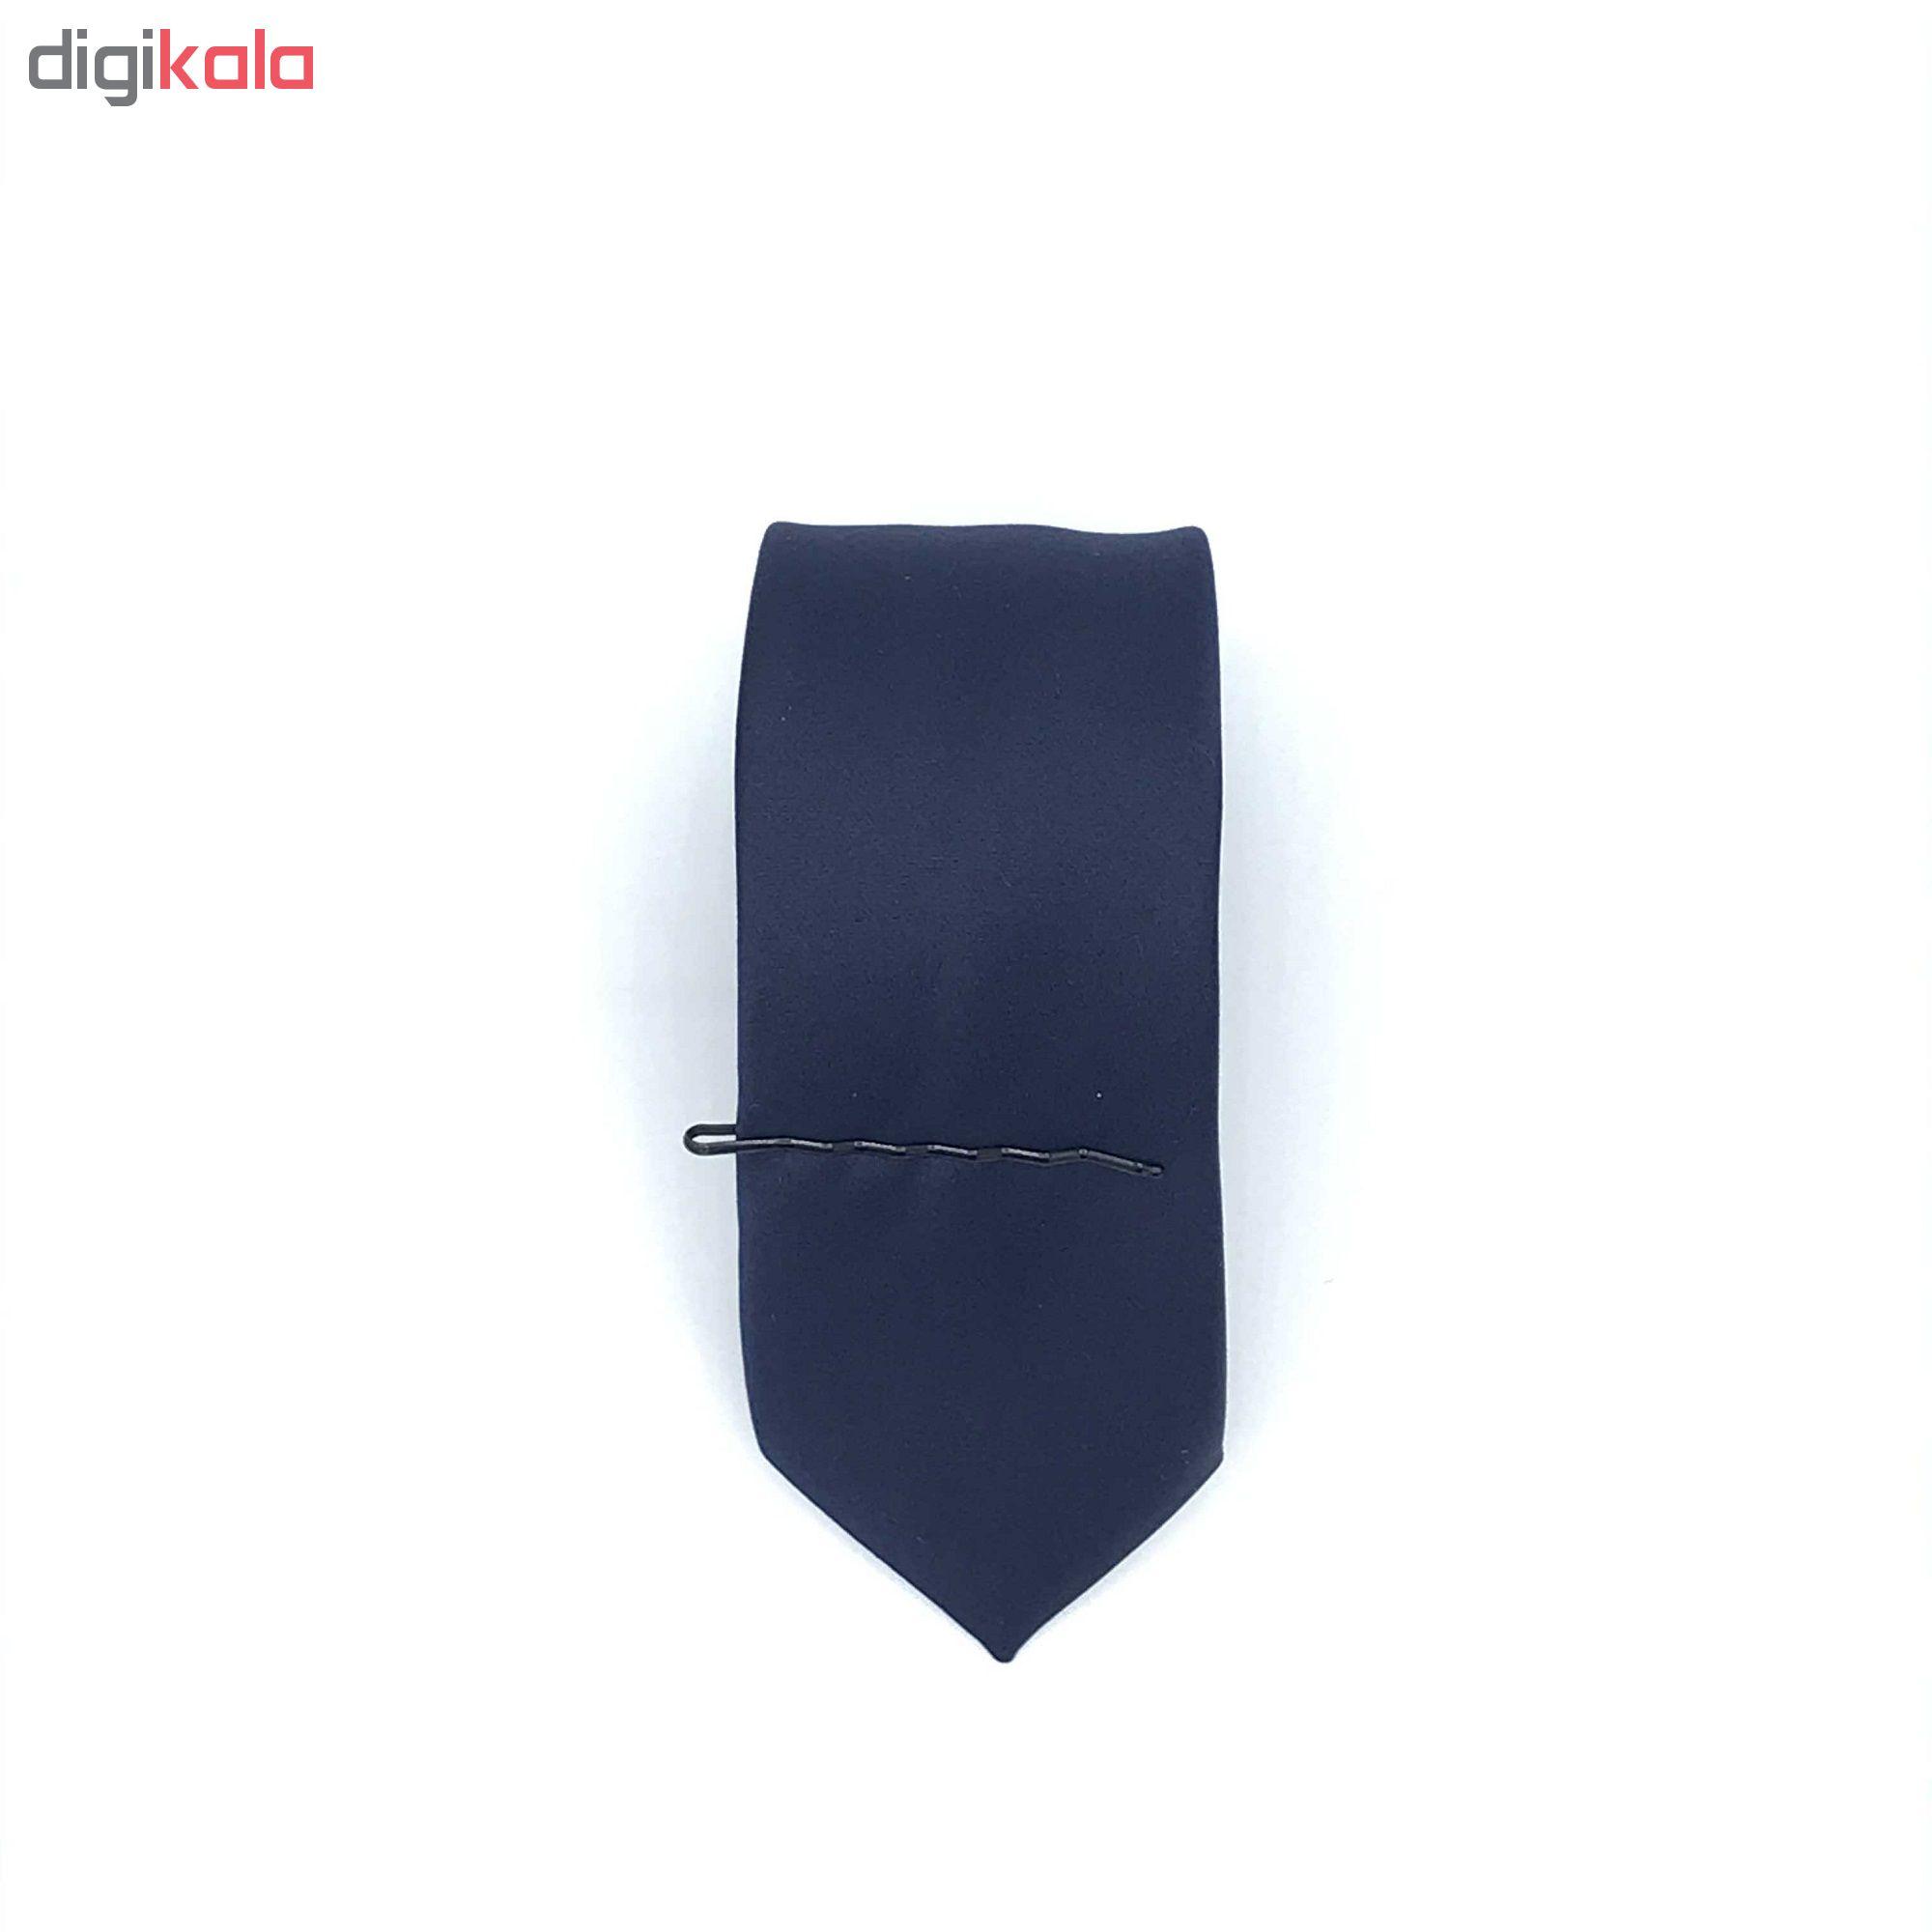 ست کراوات پاپیون دستمال جیب و گل کت مدل KPDG-1002